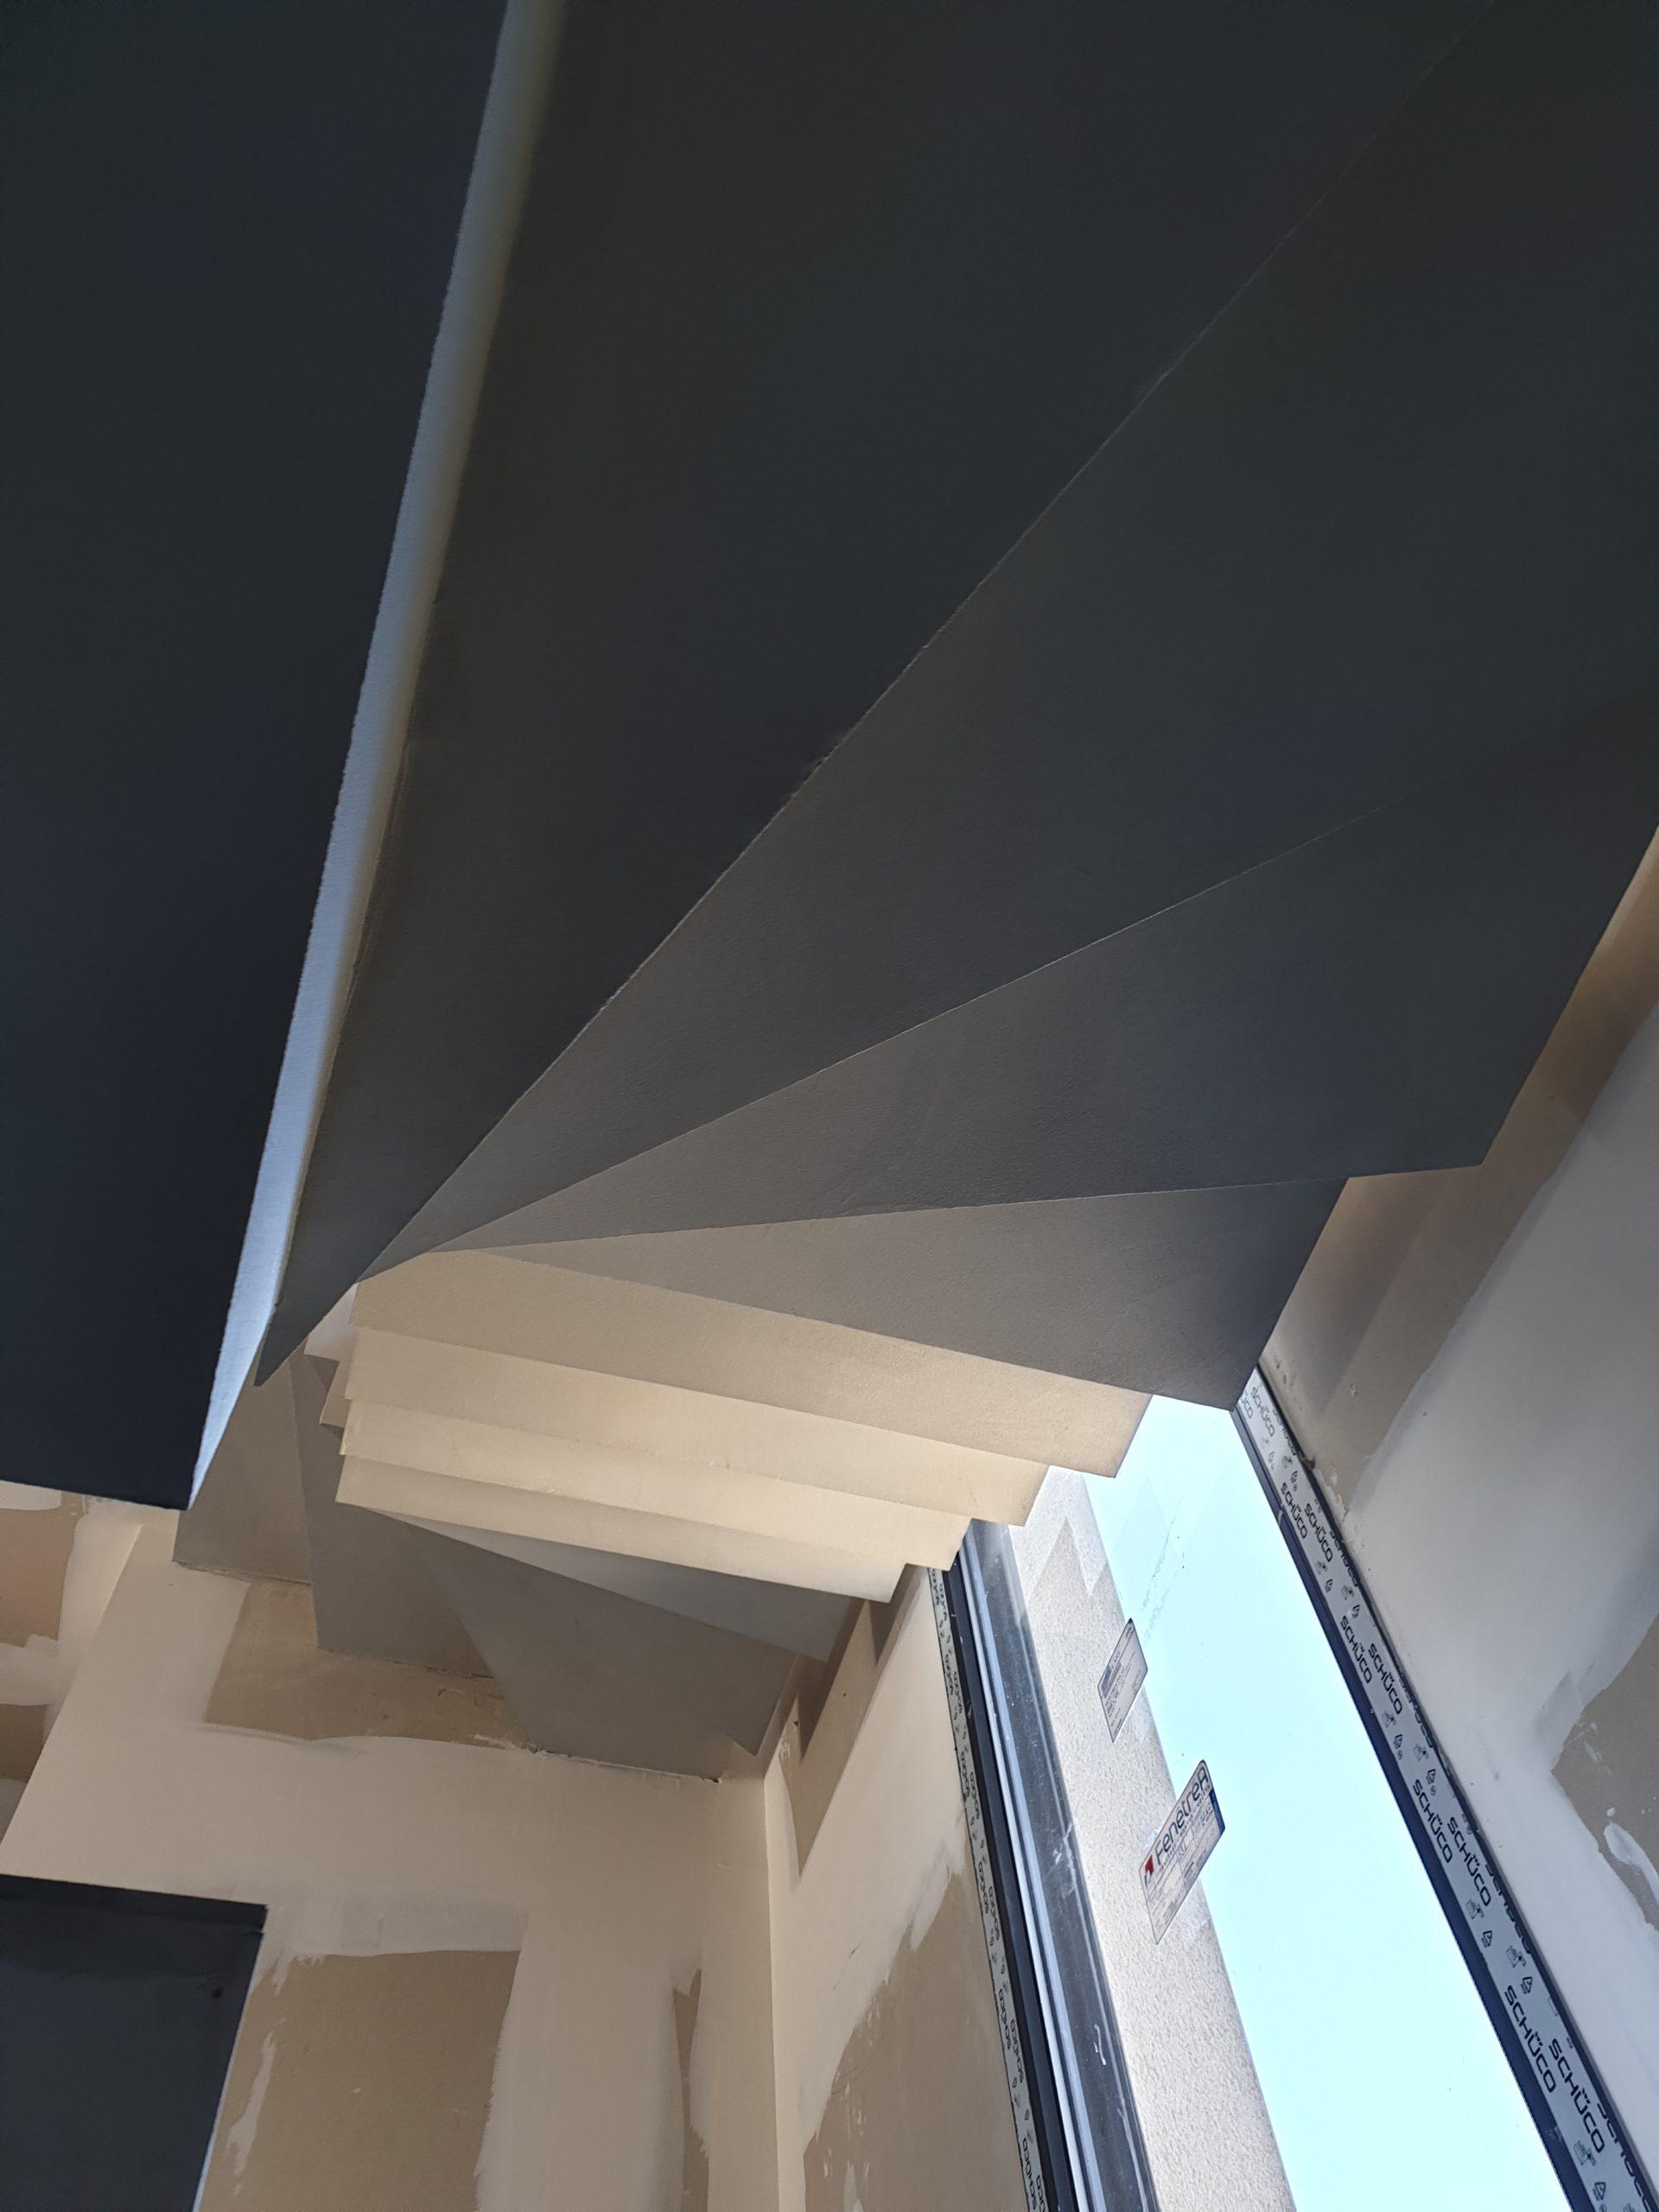 Dessous de l'escalier traversant la baie vitrée